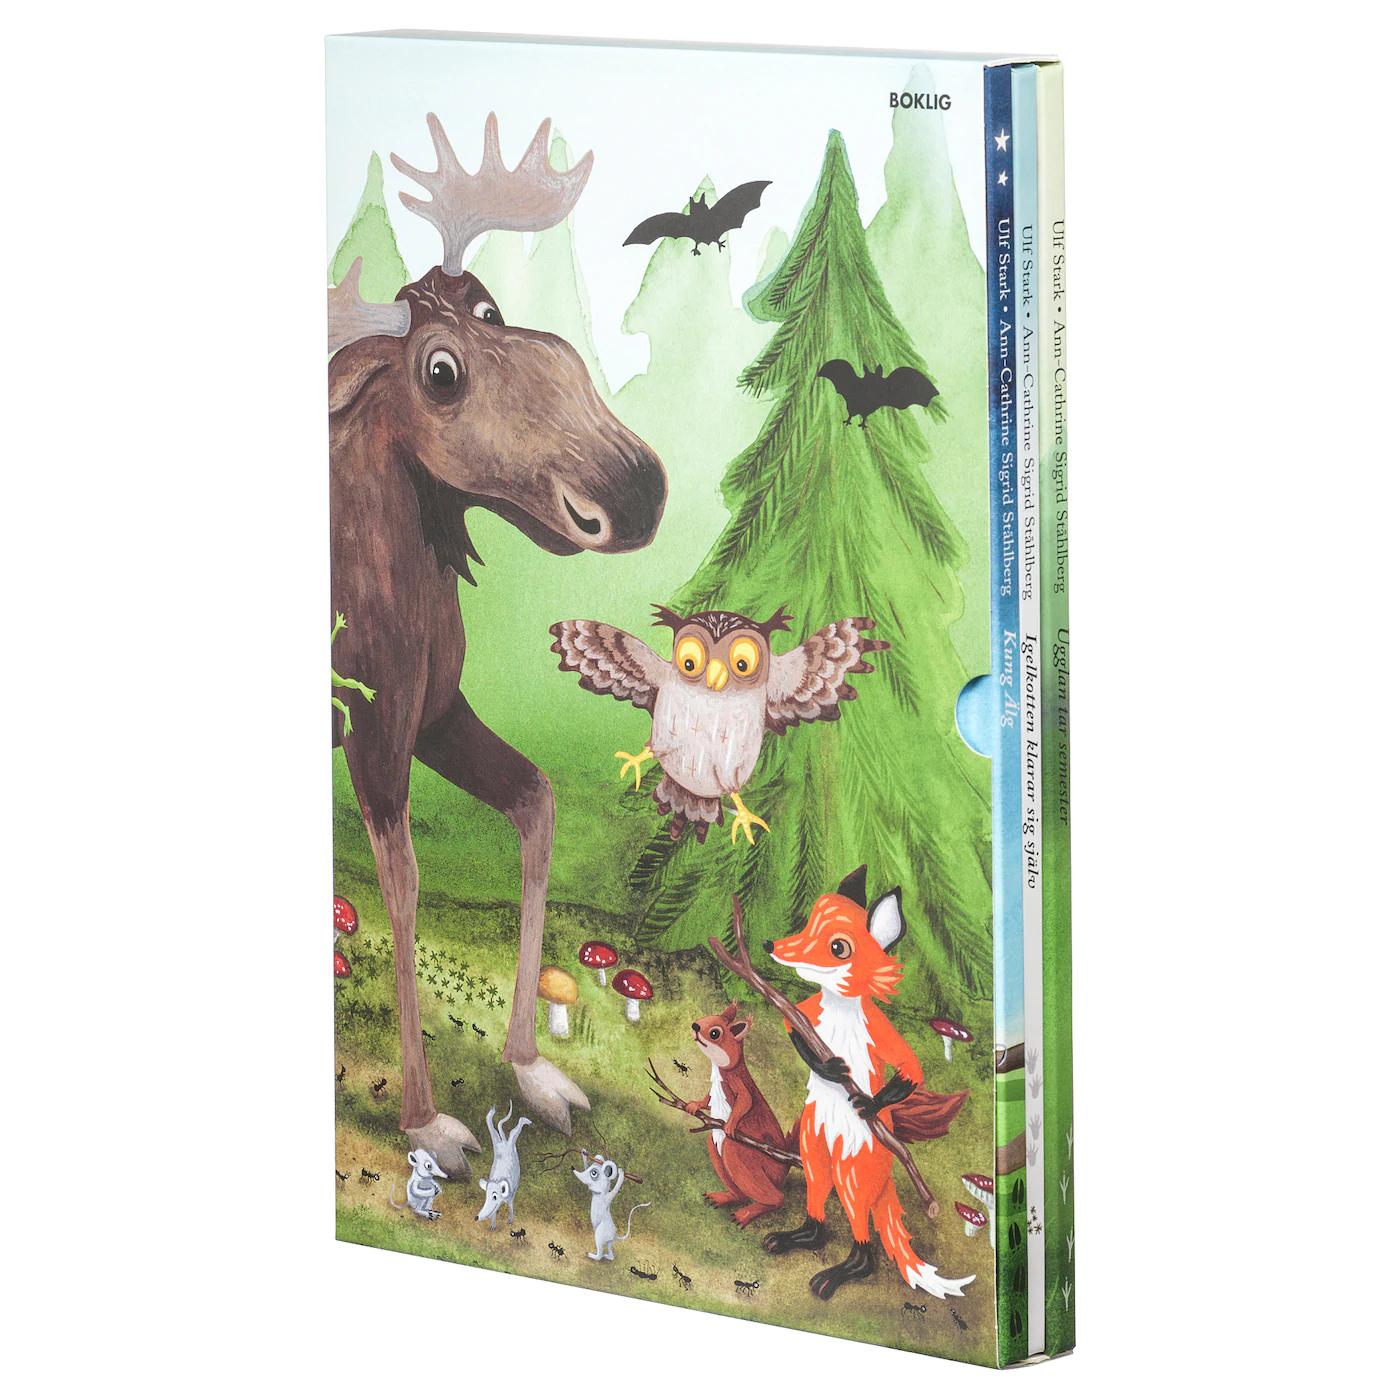 IKEA Zestaw 3 książek dla dzieci przeceniony z 69,99 zł na 9,99 zł